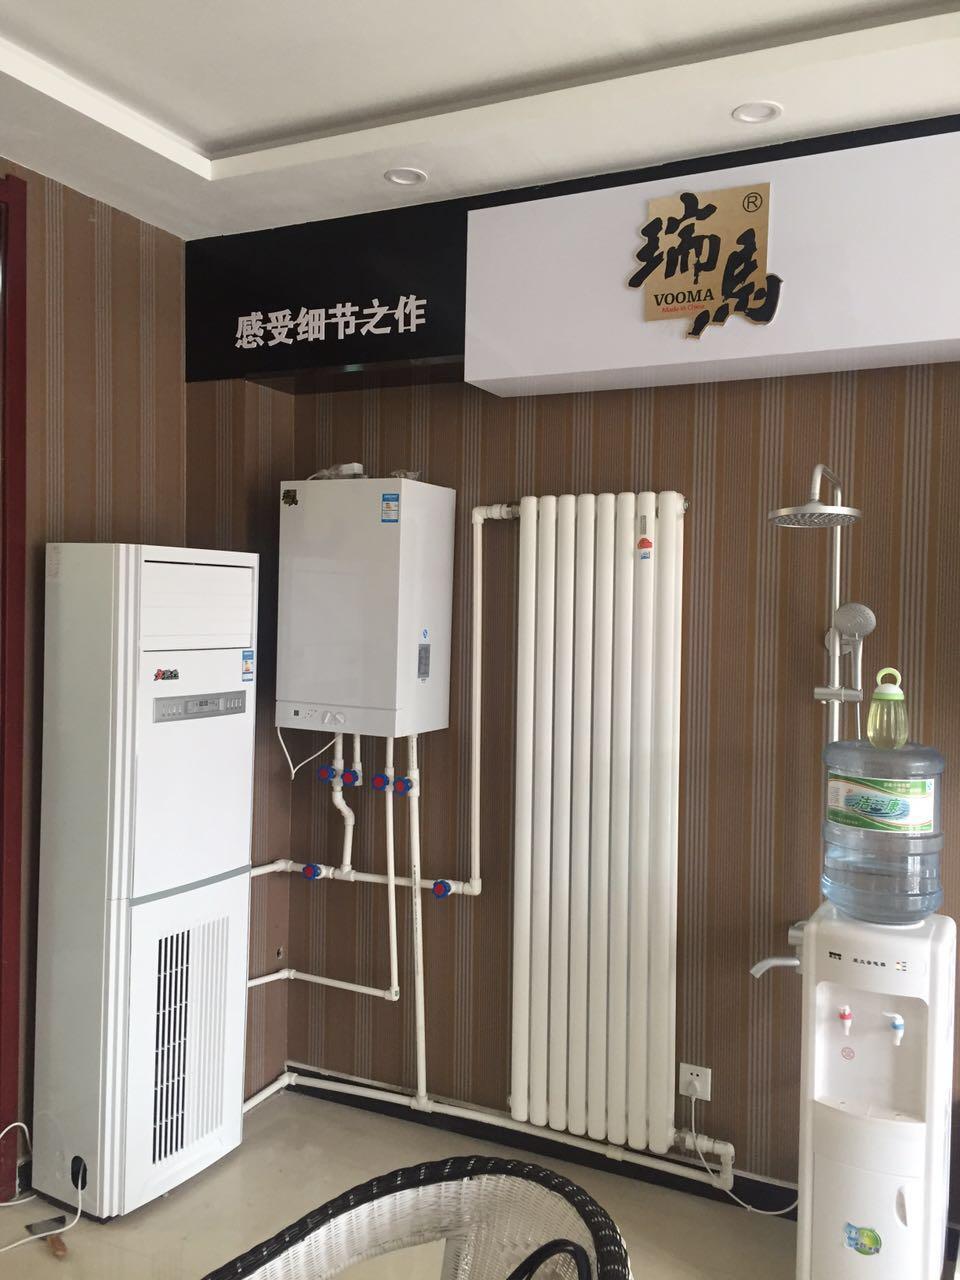 河北邢台瑞马壁挂炉代理体验店